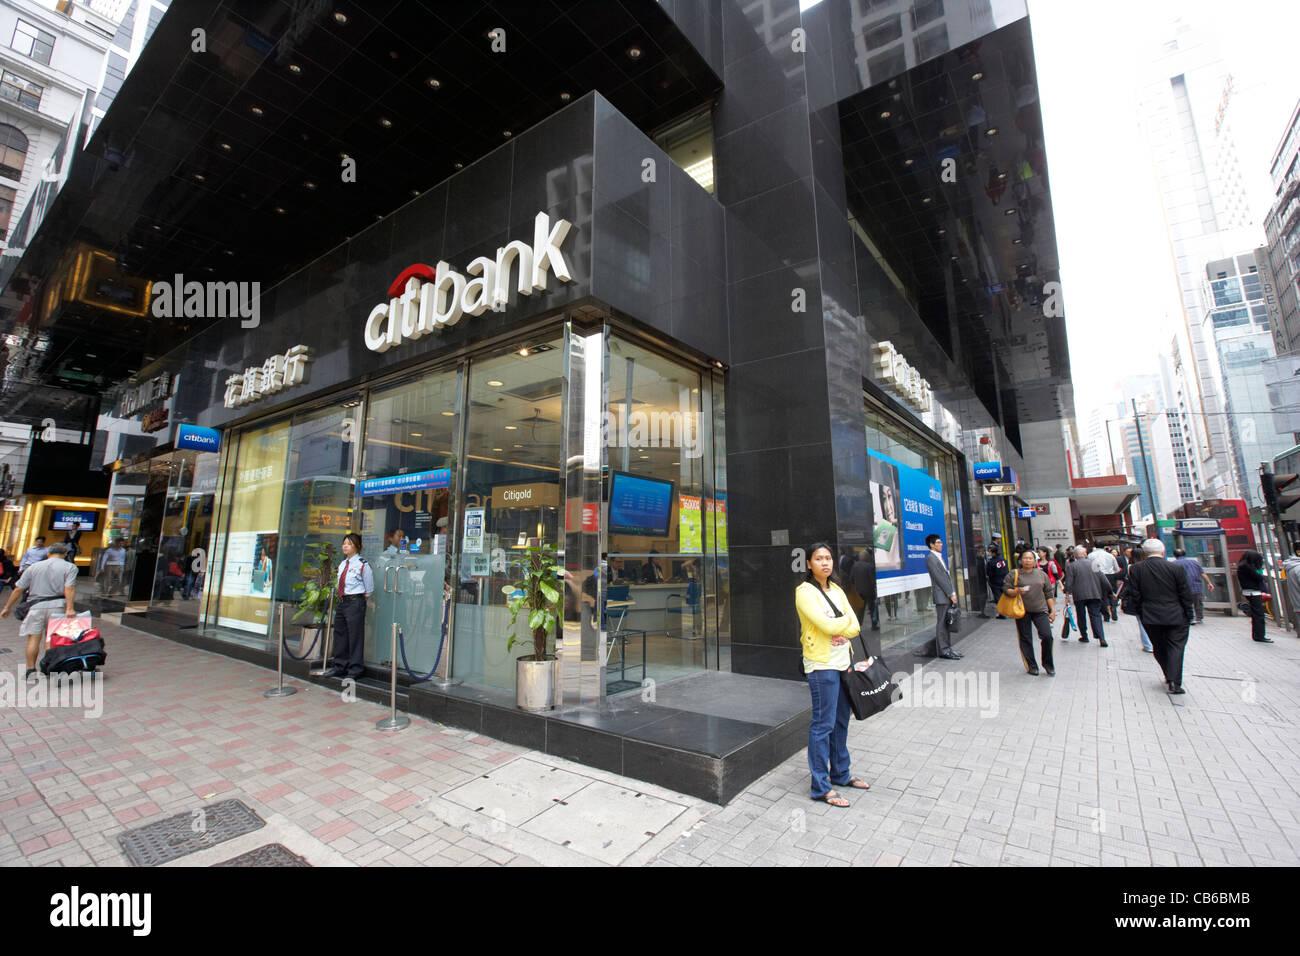 Filiale der Citibank an der Ecke einer Straße im zentralen Bezirk, Hong Kong Island, Hongkong, China Stockbild